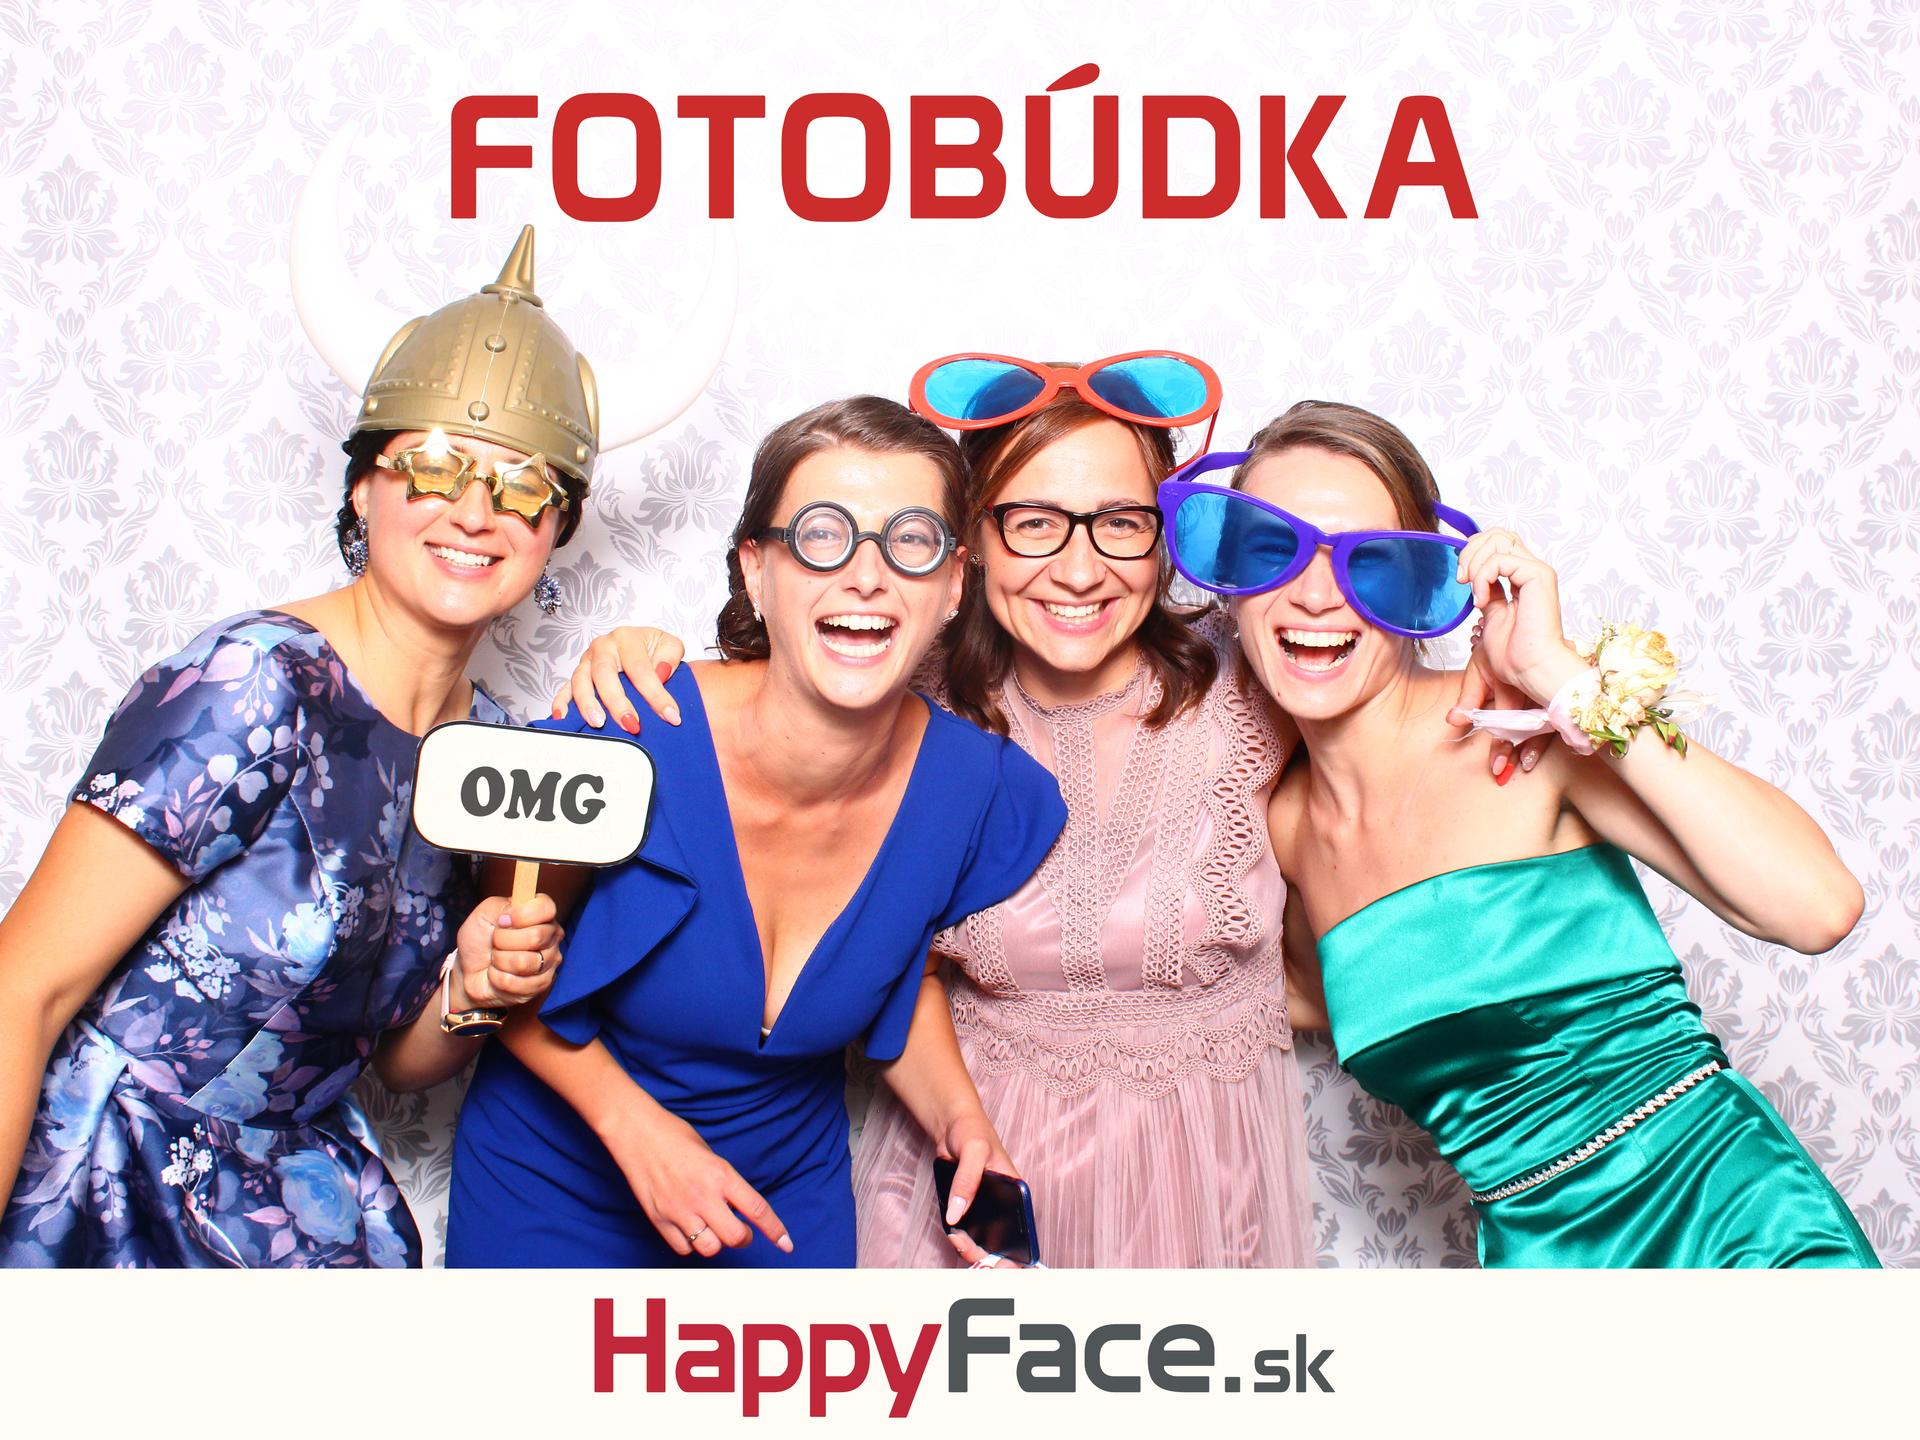 Prenájom fotobúdky za super ceny 🙂 Neobmedzené množstvo fotiek 👍 Nekonečné množstvo rekvizít 🤩 www.happyface.sk - Obrázok č. 1